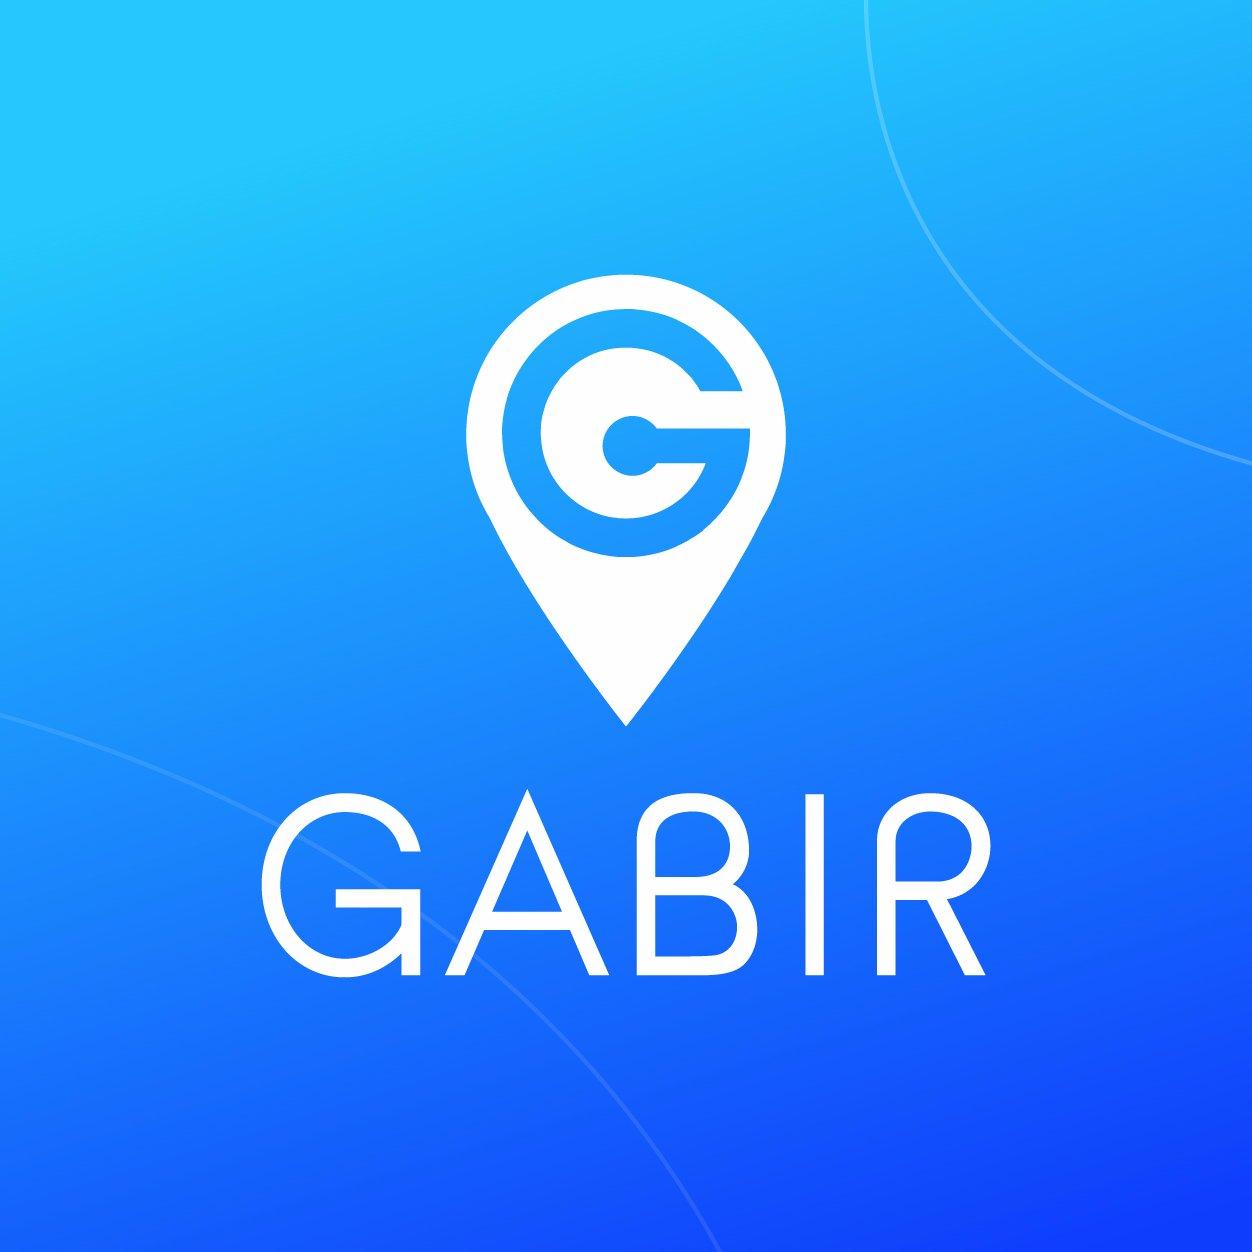 @GabirID